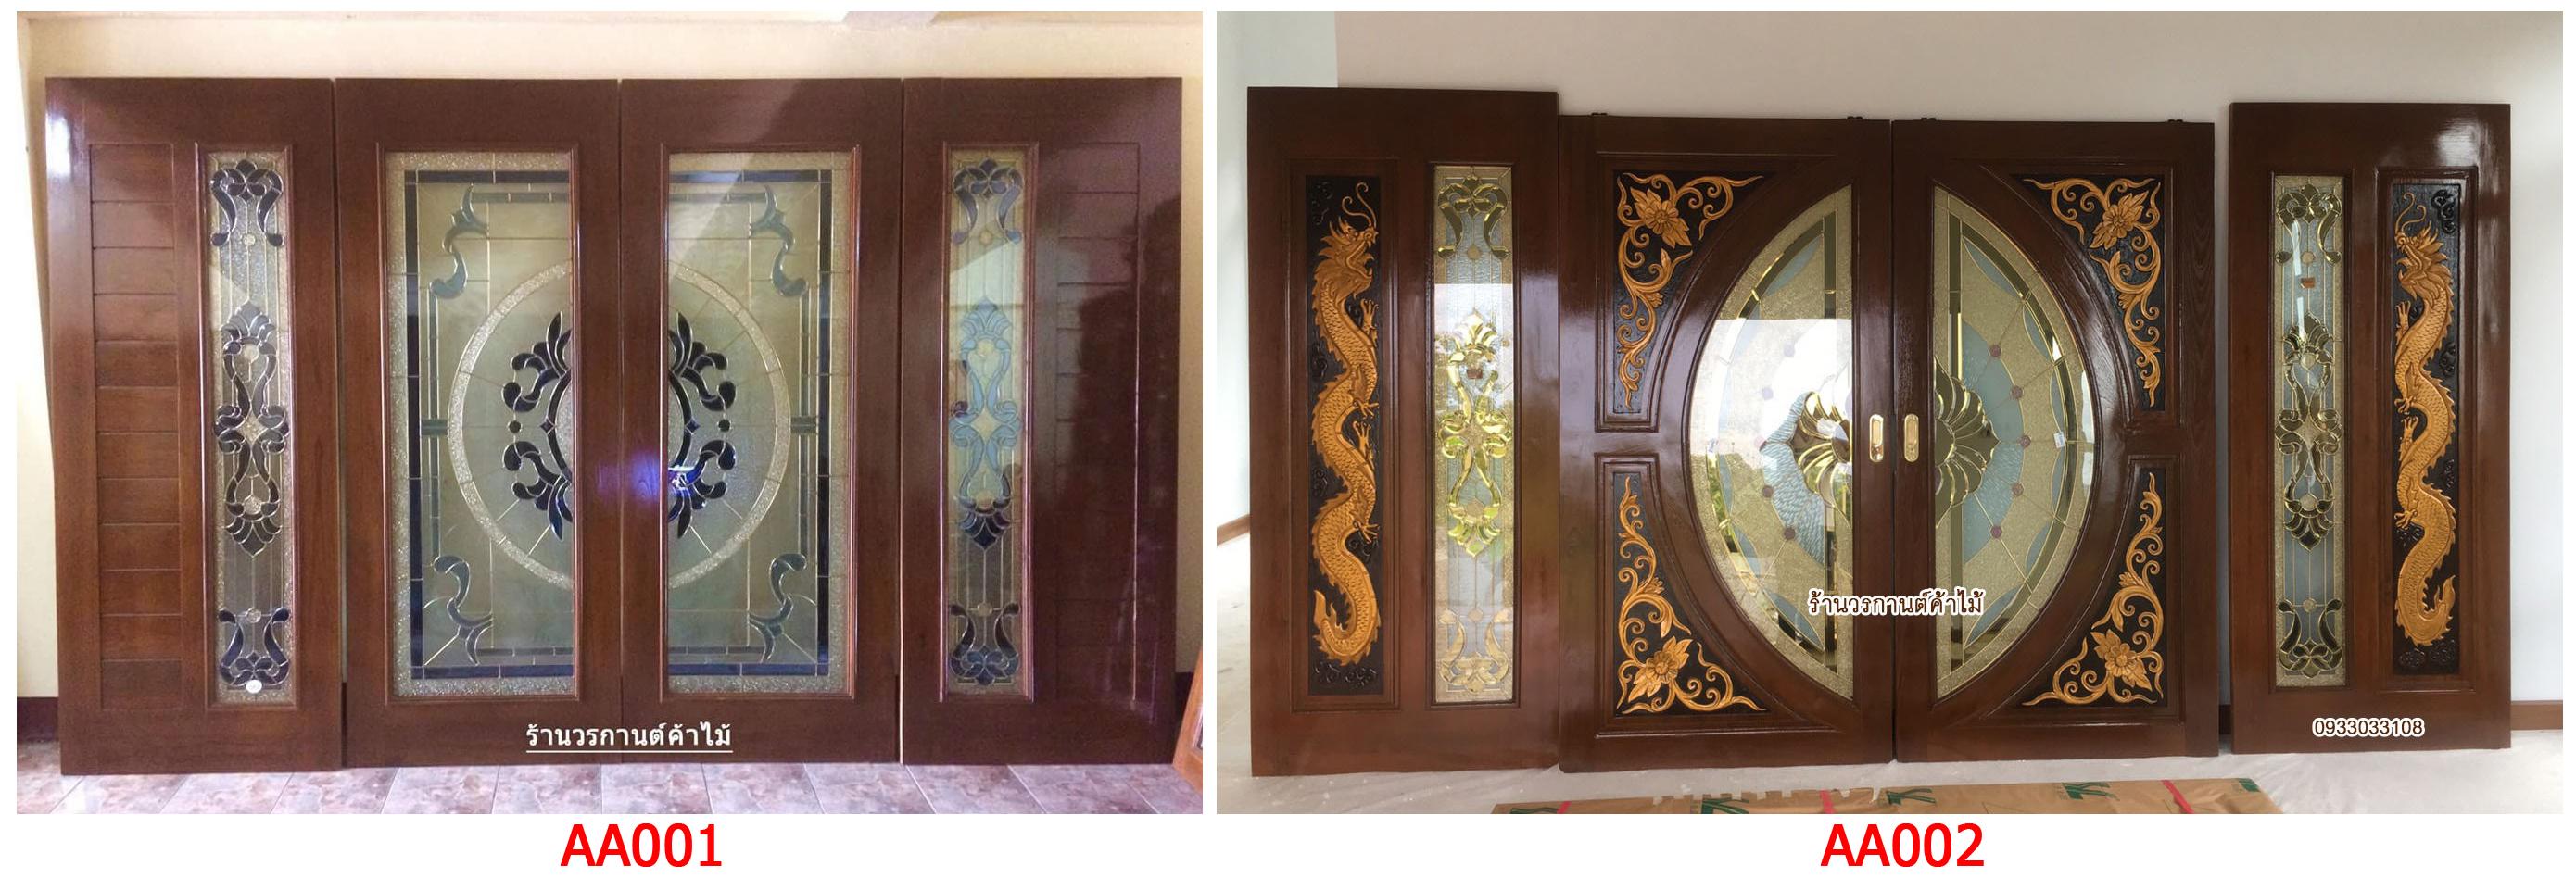 ขนาดมาตรฐาน ประตูไม้สัก 80x200,90x200,100x200 สินค้าคุณภาพ ราคาโรงงาน ผลิตประตูไม้สักทุกรูปแบบ ทั้งปลีกและส่ง